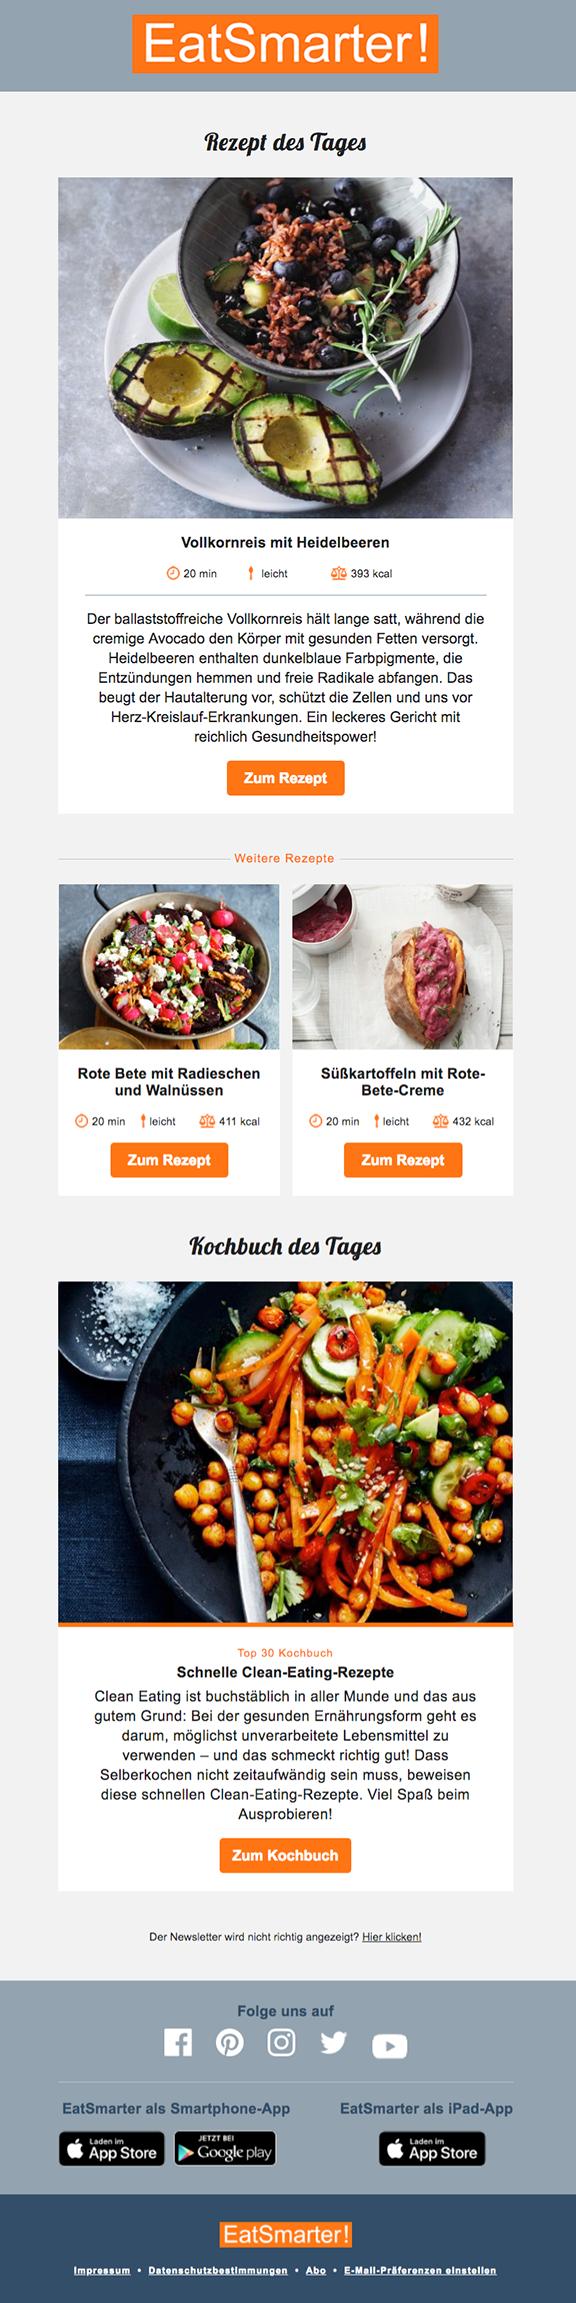 Newsletter-Vorschau: Smarte Rezepte